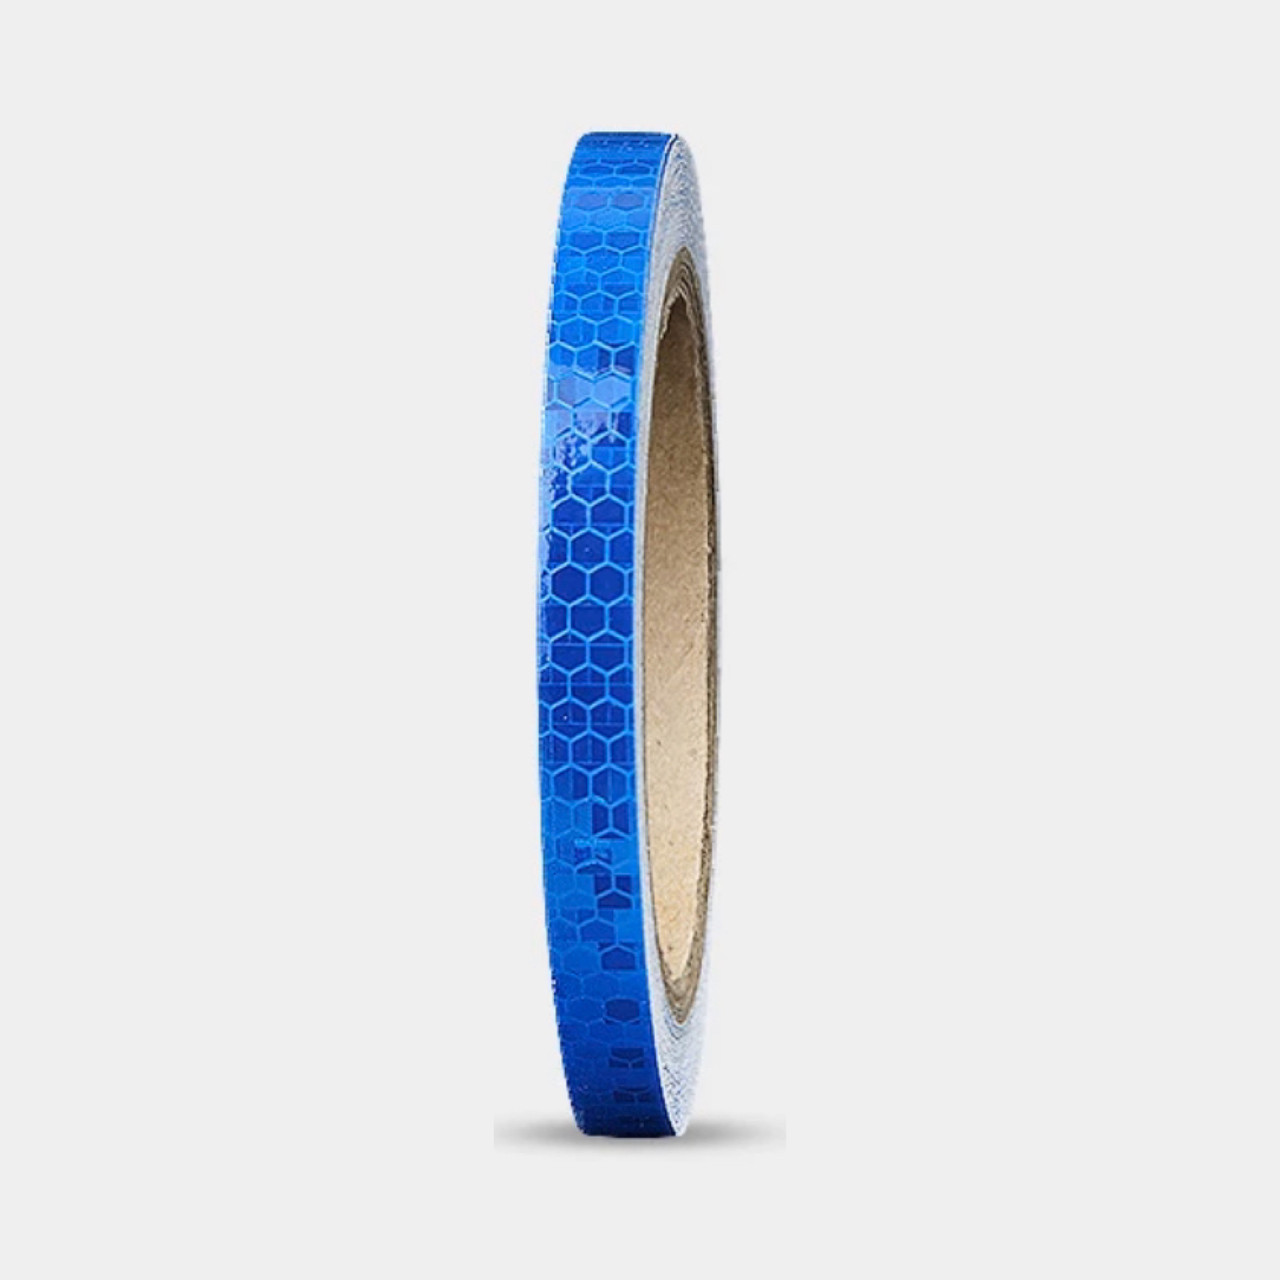 Универсальная светоотражающая самоклеющаяся лента для контурной маркировки транспорта (синий цвет) 1 м